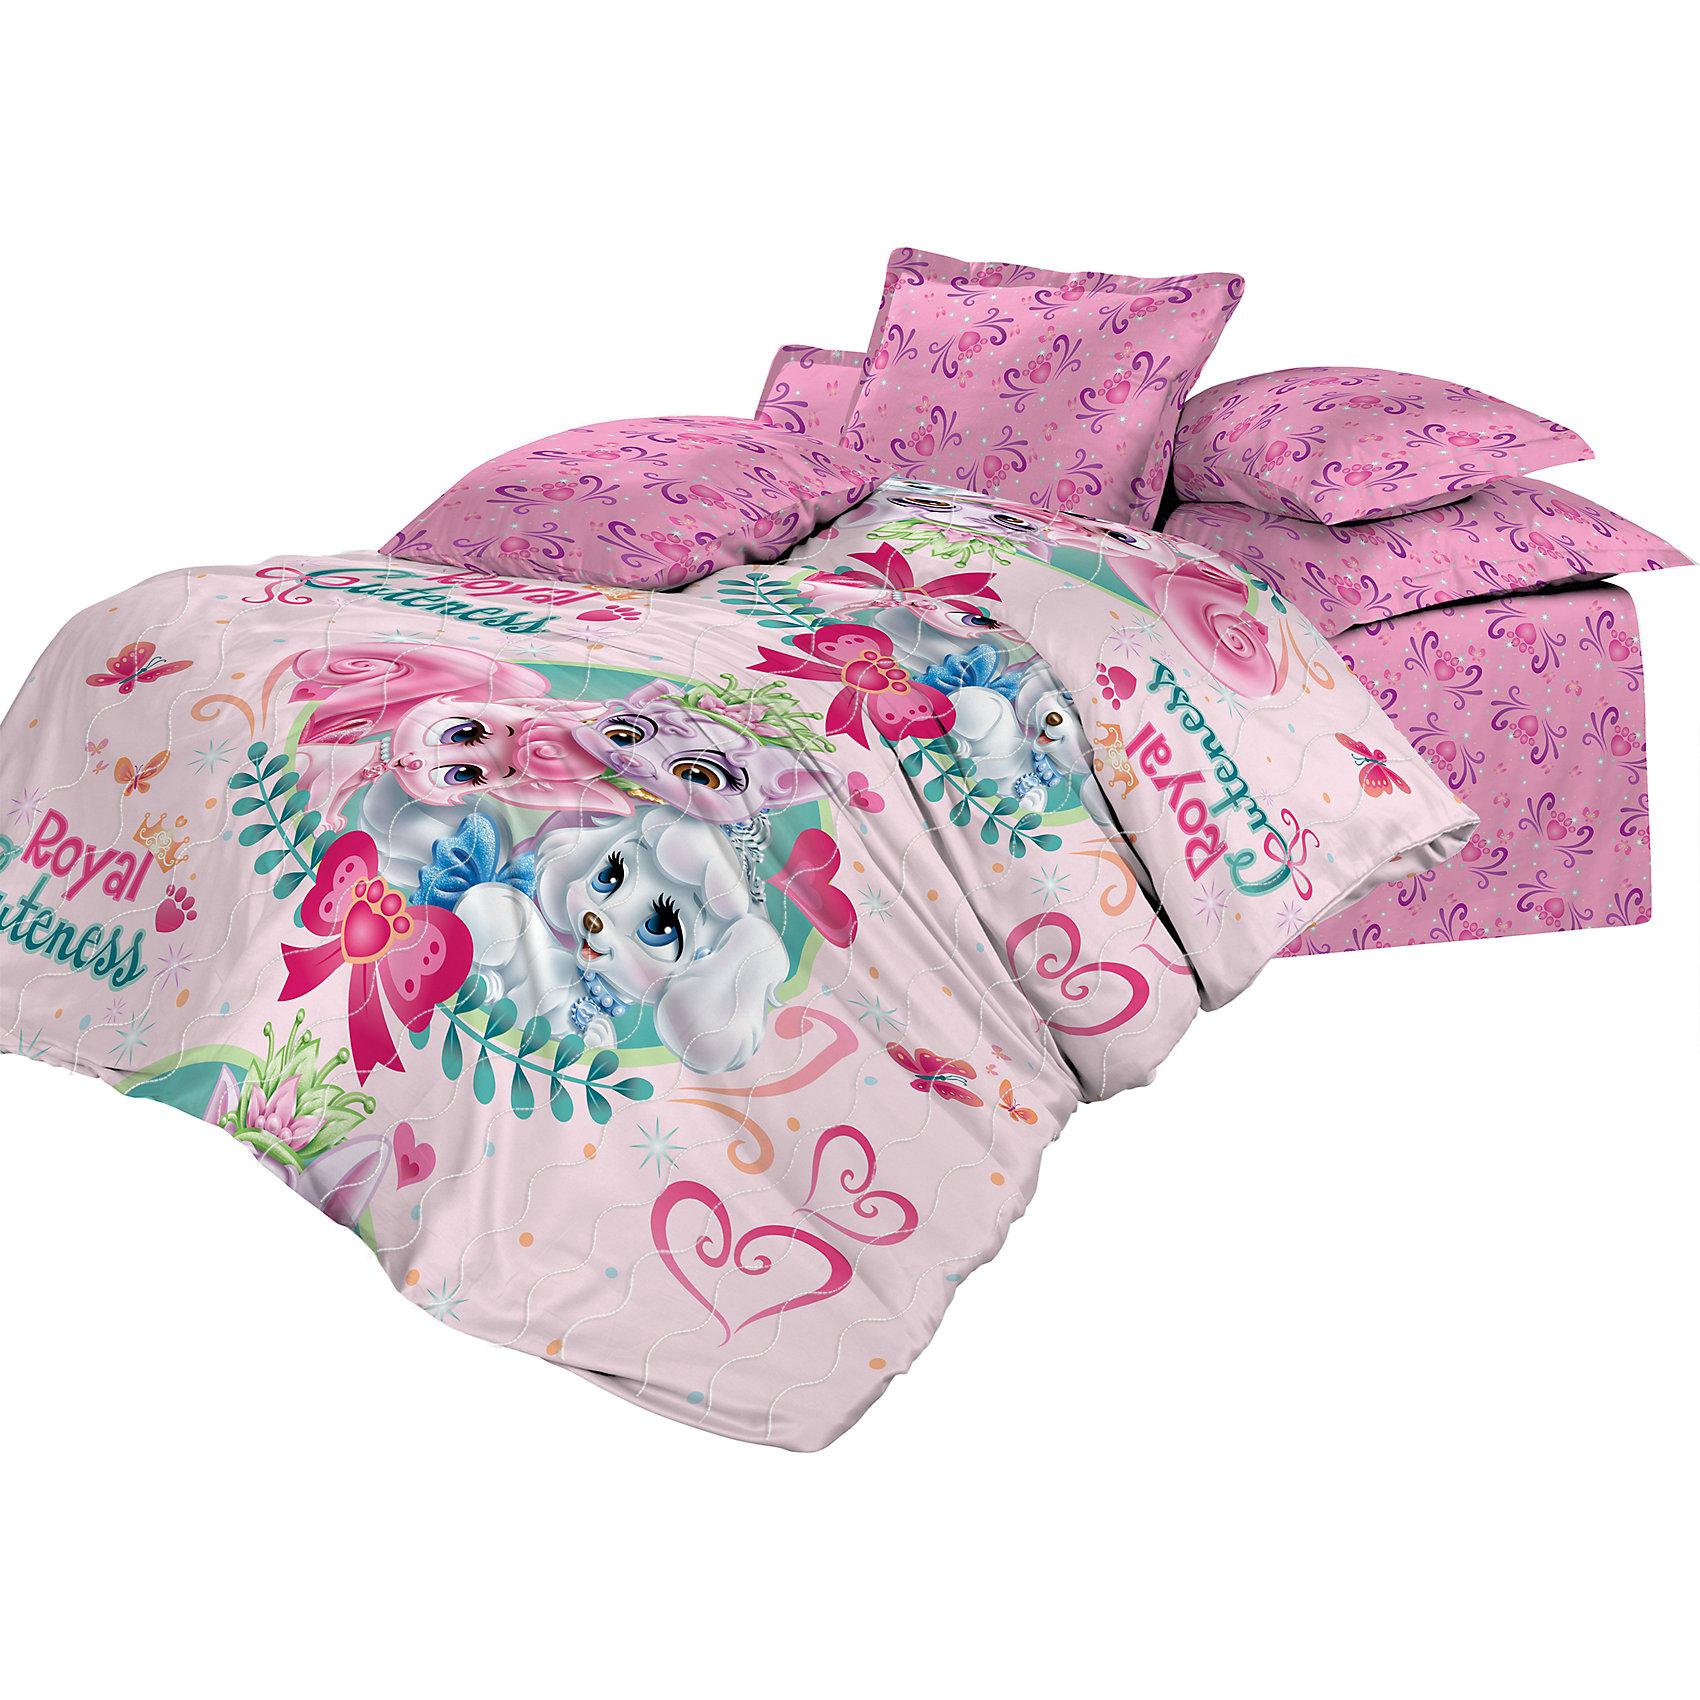 Покрывало стеганое 145*200 Palace Pets Милашка, Лилия, НепоседаДомашний текстиль<br>Характеристики:<br><br>• Вид домашнего текстиля: покрывало<br>• Тип постельного белья по размерам: 1,5 спальное<br>• Материал: хлопок, 100%<br>• Наполнитель: силиконизированное волокно (софт)<br>• Тематика рисунка: Королевские питомцы<br>• Размеры (Ш*Д): 145*200 см <br>• Тип упаковки: сумка <br>• Вес в упаковке: 1 кг 200 г<br>• Размеры упаковки (Д*Ш*В): 50*25*50 см<br>• Особенности ухода: допускается машинная стирка в щадящем режиме или влажная чистка<br><br>Покрывало стеганое 145*200 Palace Pets Милашка, Лилия, Непоседа выполнено в ярком дизайне с изображением пуделя Тыковки, киски Лилии и белочки Милашки. Все швы изделия тщательно обработаны. Стежка, выполненная по всему полотну изделия, не только ровно распределяет наполнитель, но и выполняет декоративную функцию. <br><br>Такое покрывало можно использовать в качестве одеяла в летний период времени. Изделие упаковано в красивую сумочку с ручками, поэтому его можно преподнести в качестве подарка для юных поклонниц сериала Королевские Питомцы: Пушистые Истории.<br><br>Покрывало стеганое 145*200 Palace Pets Милашка, Лилия, Непоседа можно купить в нашем интернет-магазине.<br><br>Ширина мм: 500<br>Глубина мм: 250<br>Высота мм: 500<br>Вес г: 1200<br>Возраст от месяцев: 36<br>Возраст до месяцев: 144<br>Пол: Женский<br>Возраст: Детский<br>SKU: 5623417